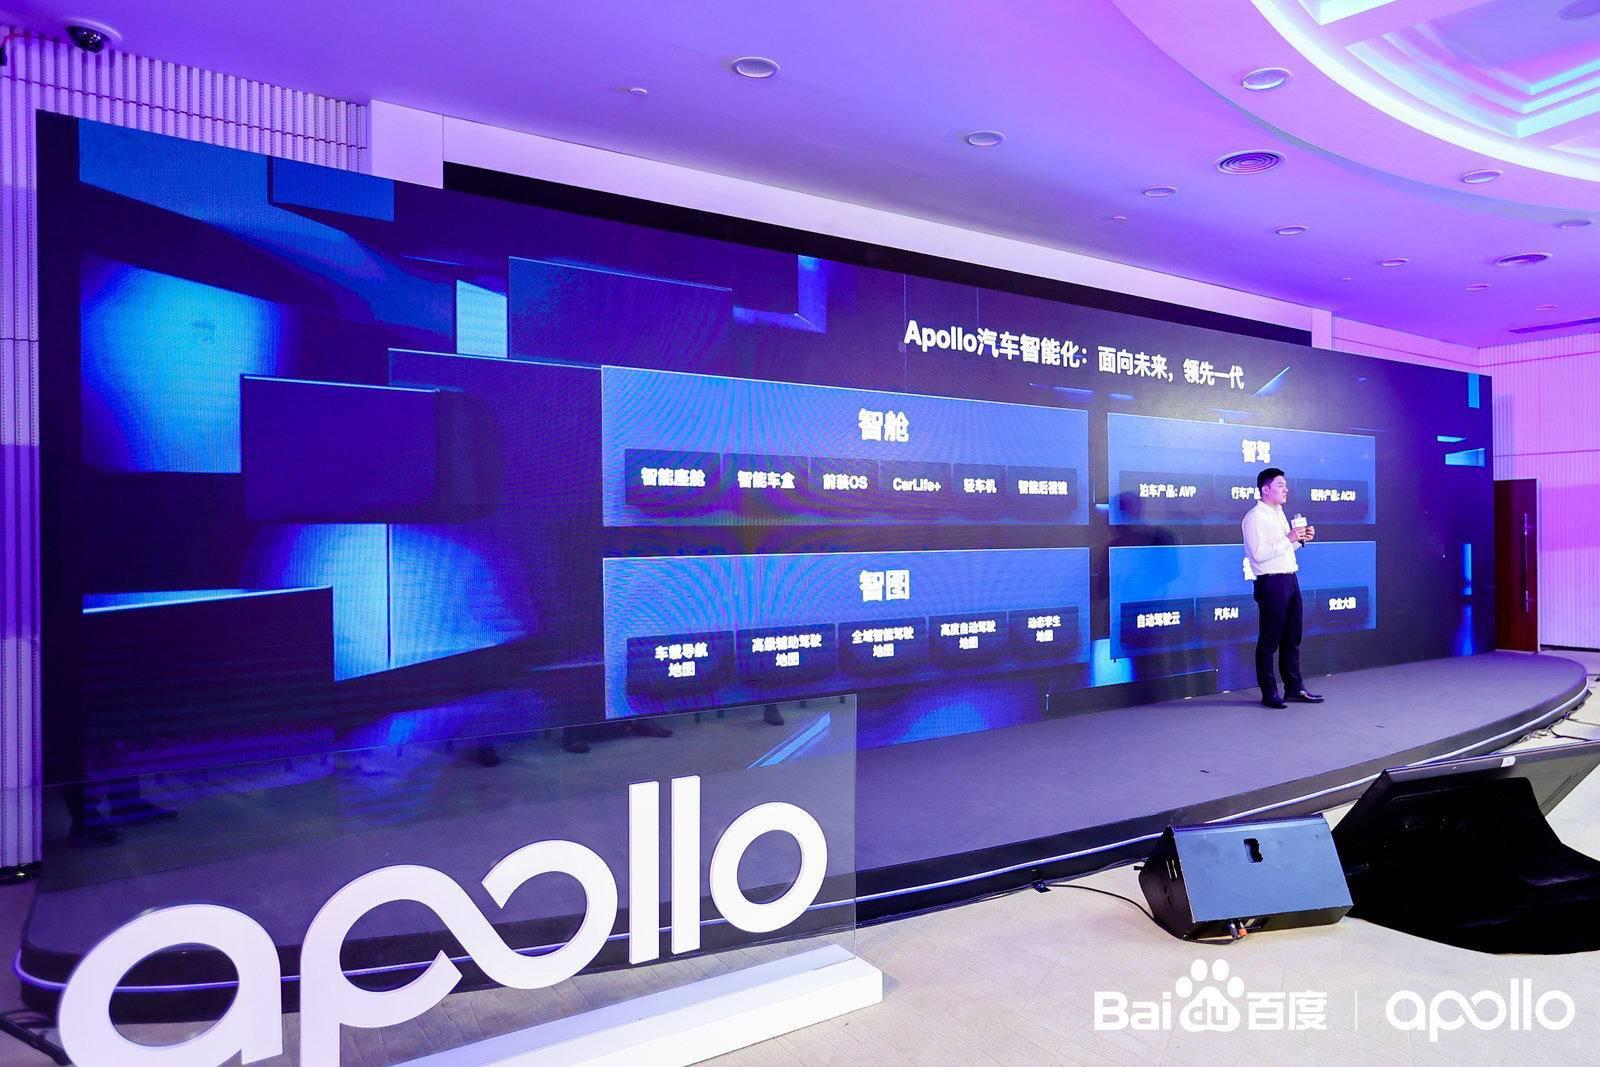 百度Apollo智驾系列闪耀2020 Apollo生态大会